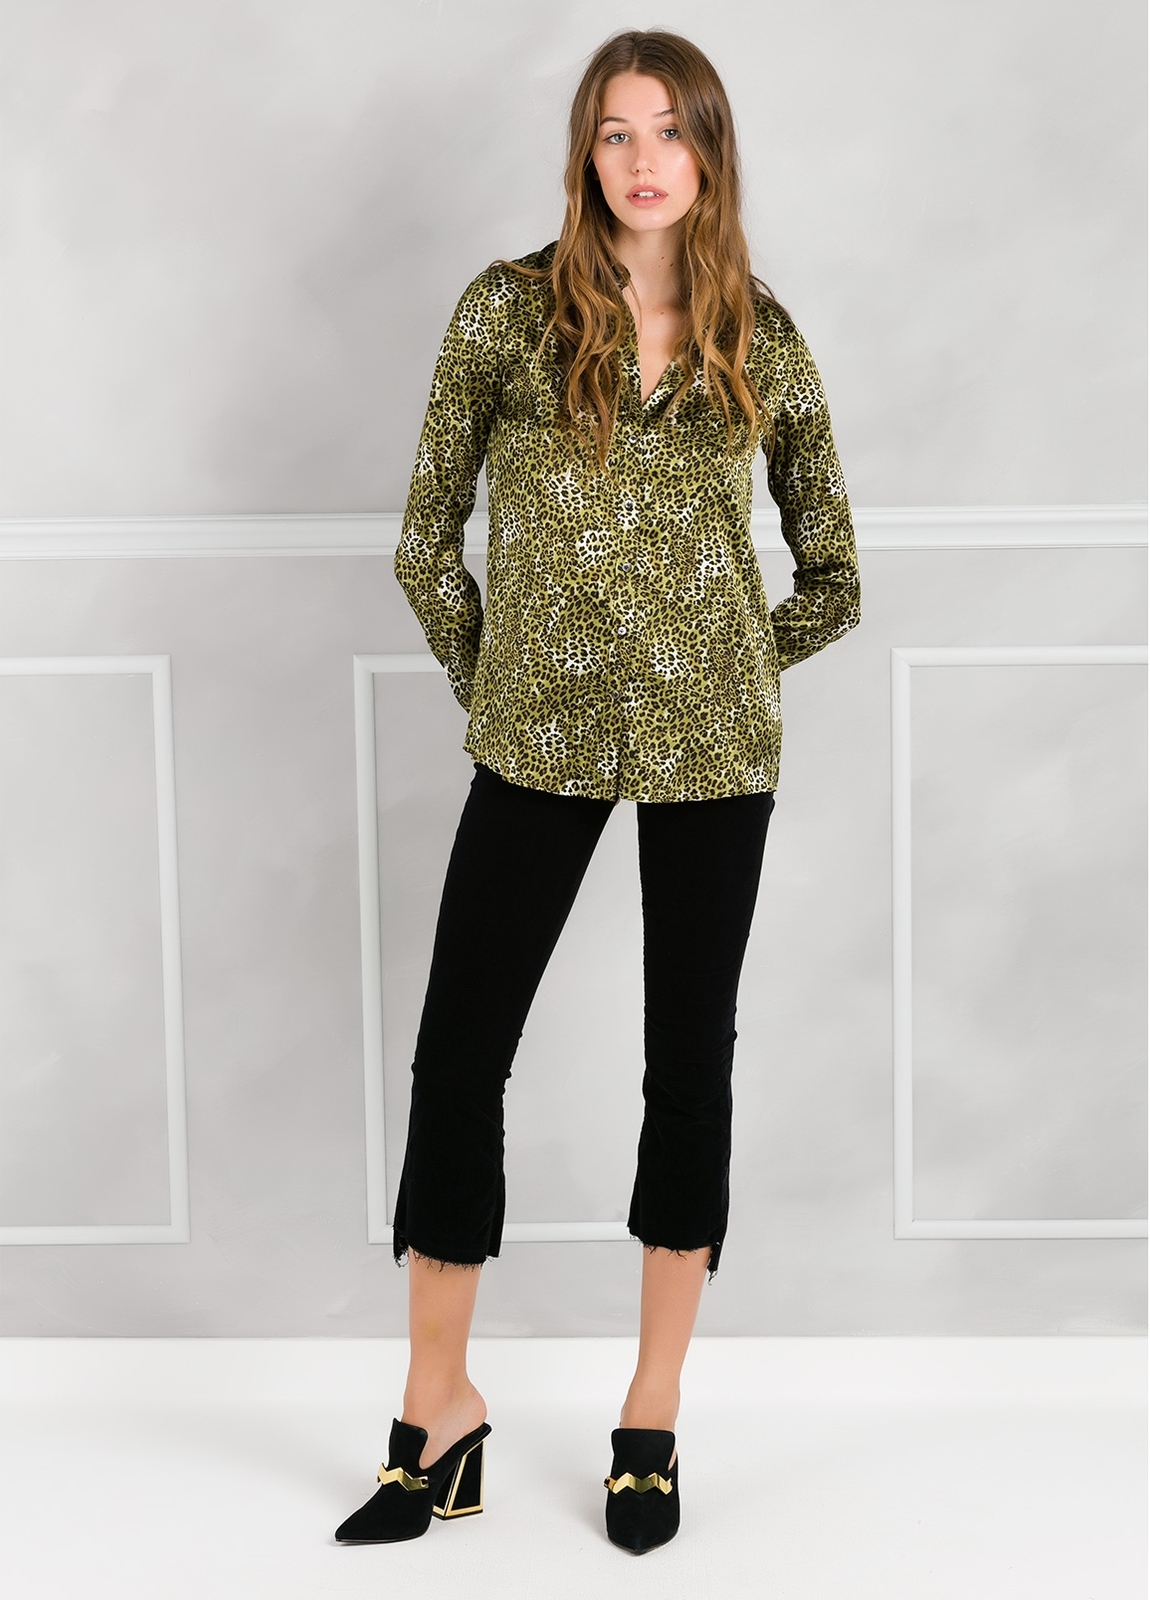 Camisa woman modelo ALICEYS estampado animal print color verde.